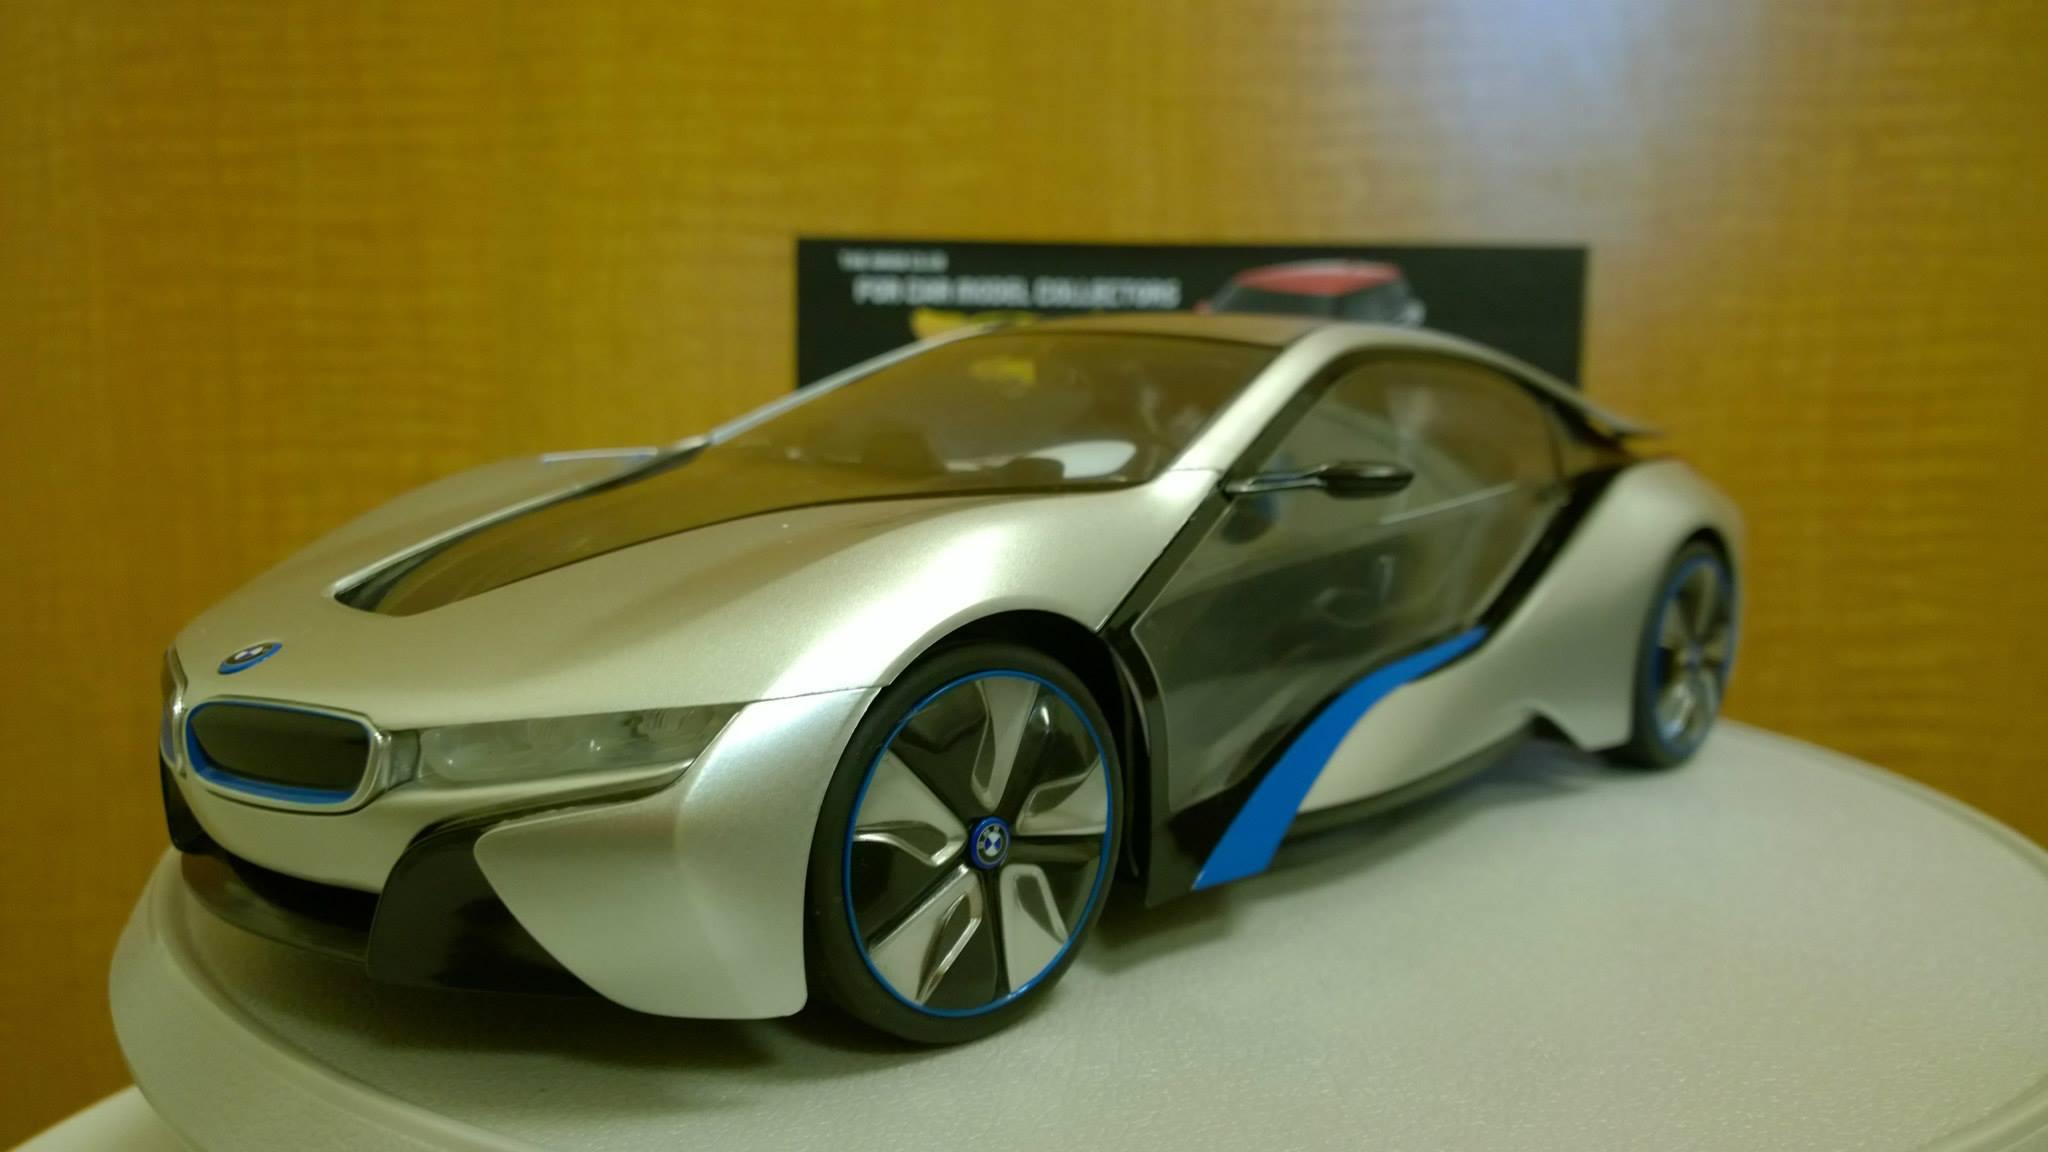 BMW i8 RC 1-14 model